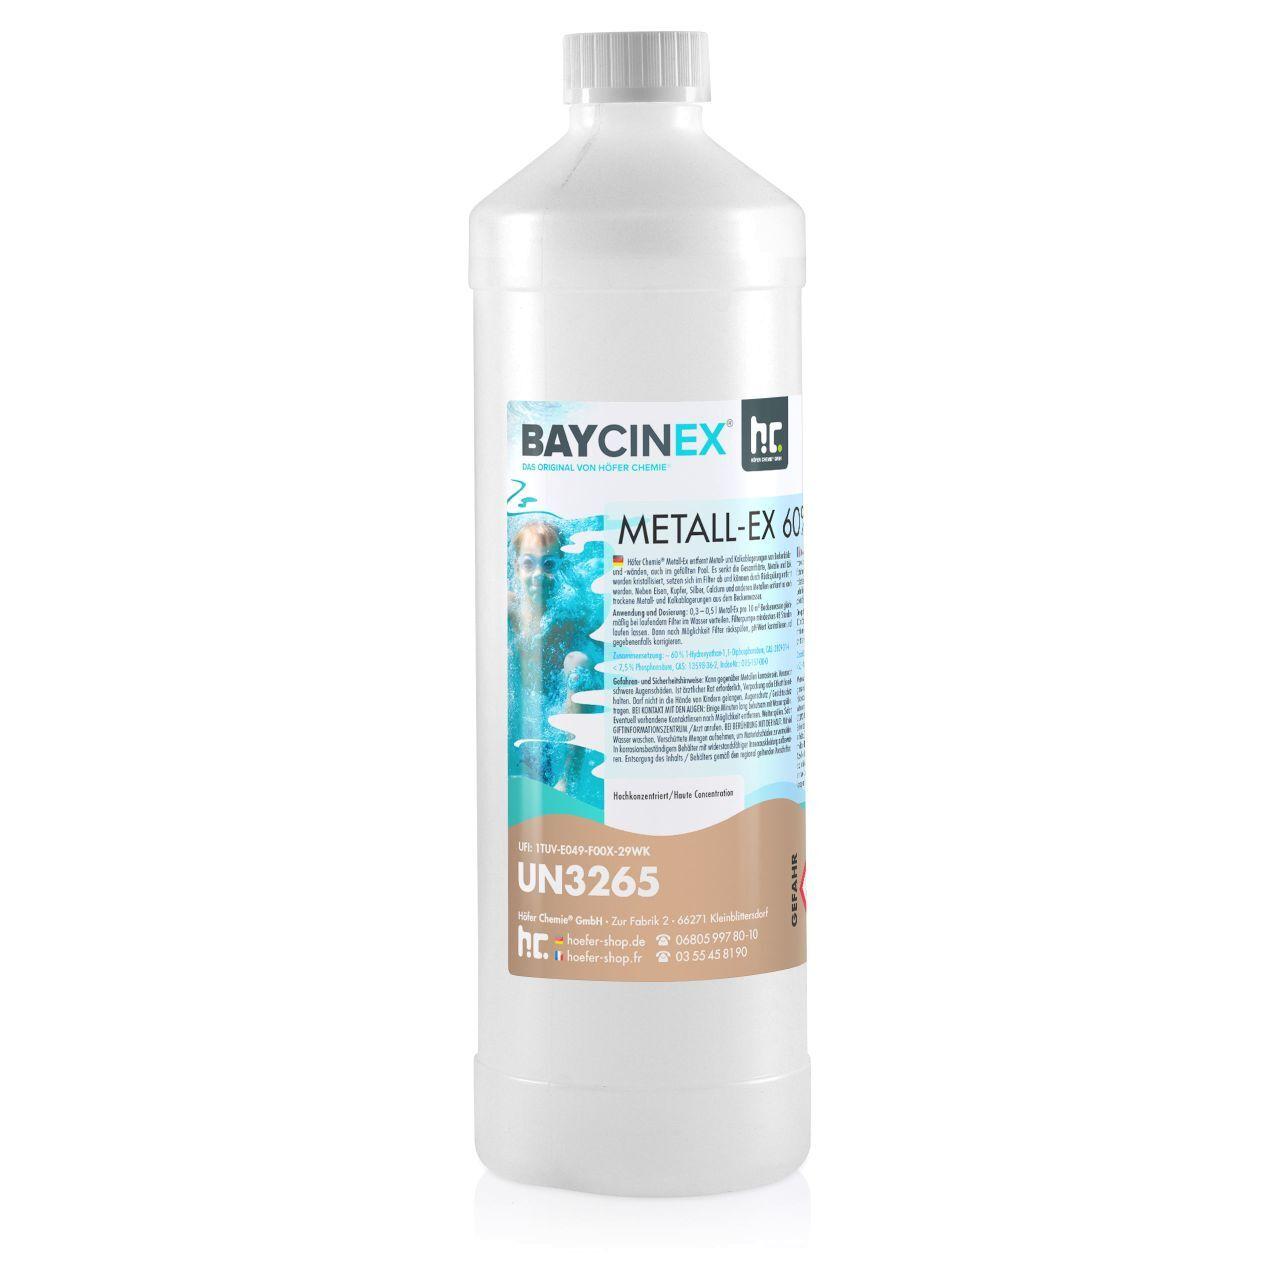 Höfer Chemie 1 l BAYCINEX® Séquestrant Métaux Anti-Métaux (1 x 1 l)